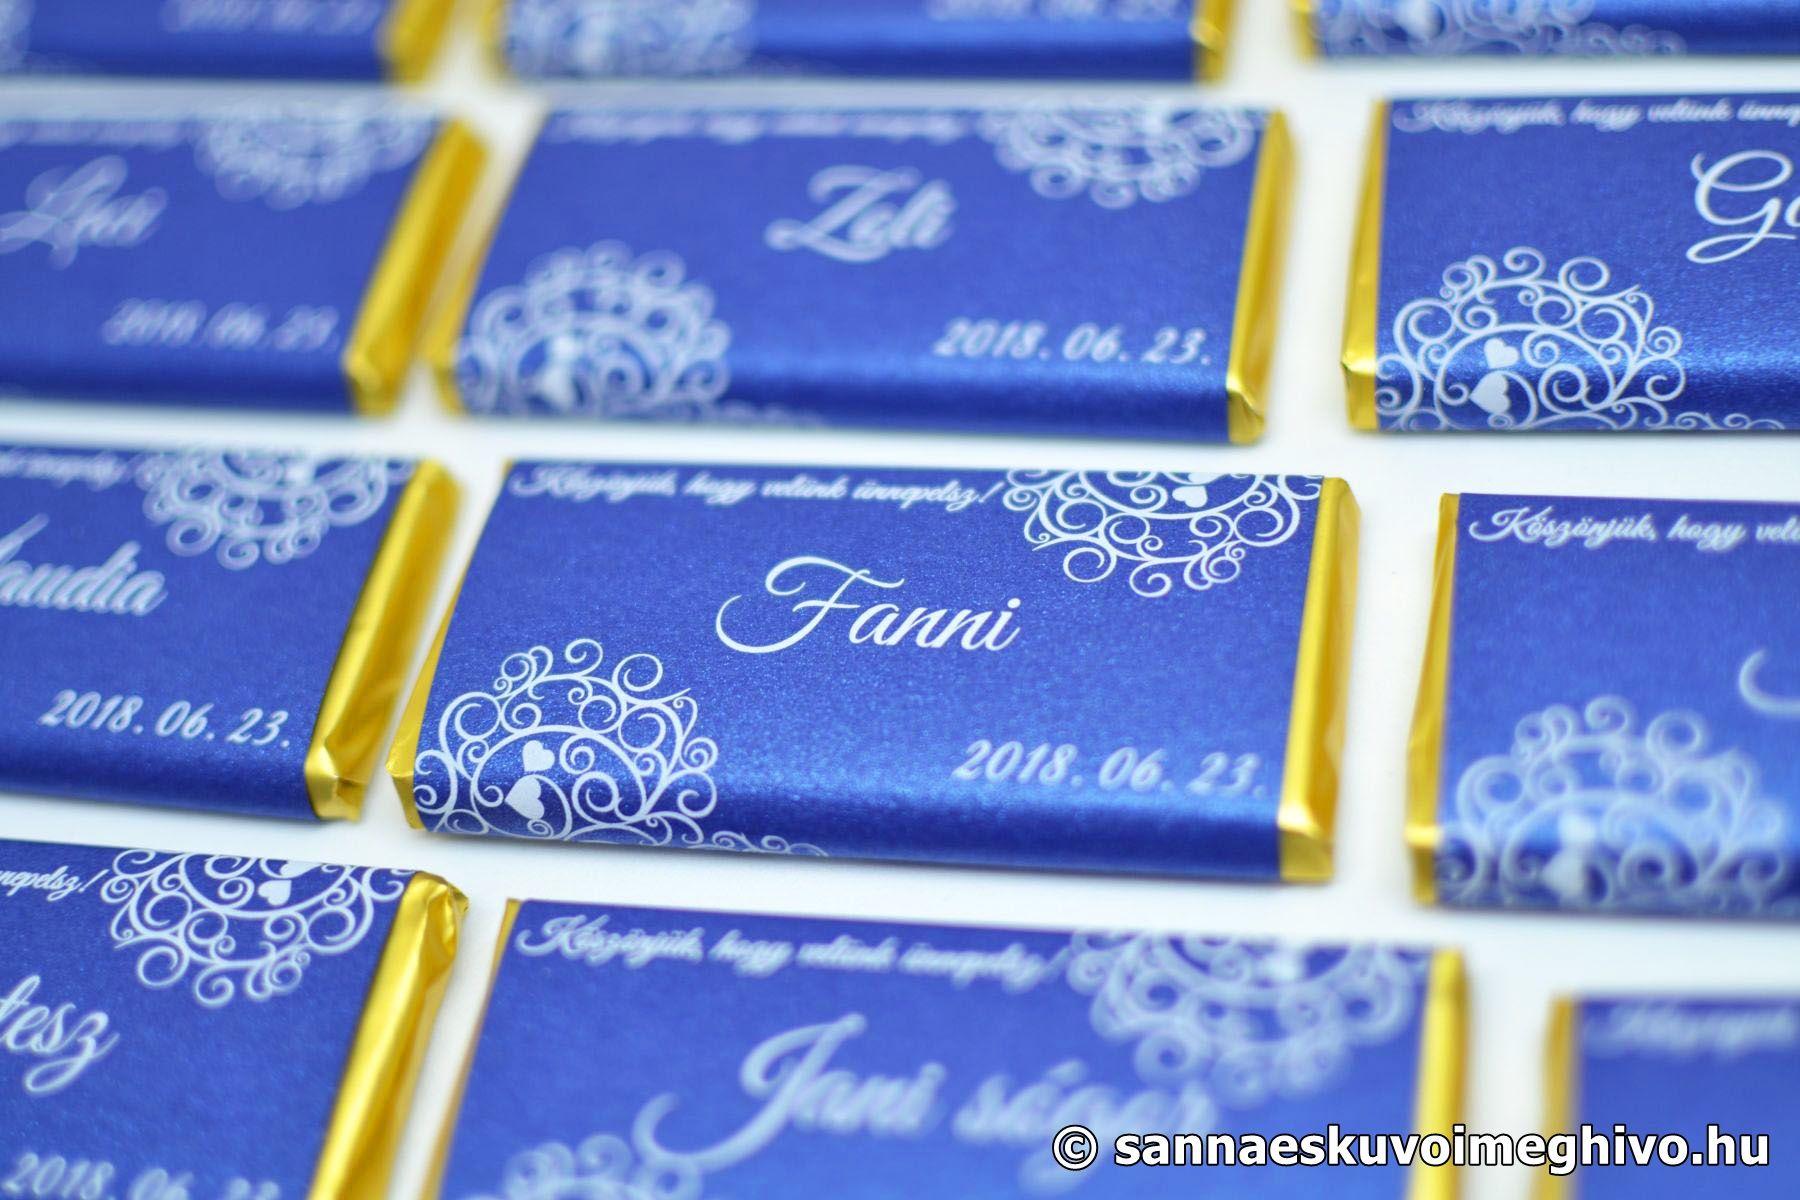 183ca2d063 Csokoládé Ültetőkártya és Köszönetajándék Esküvőre - Sanna Esküvői ...